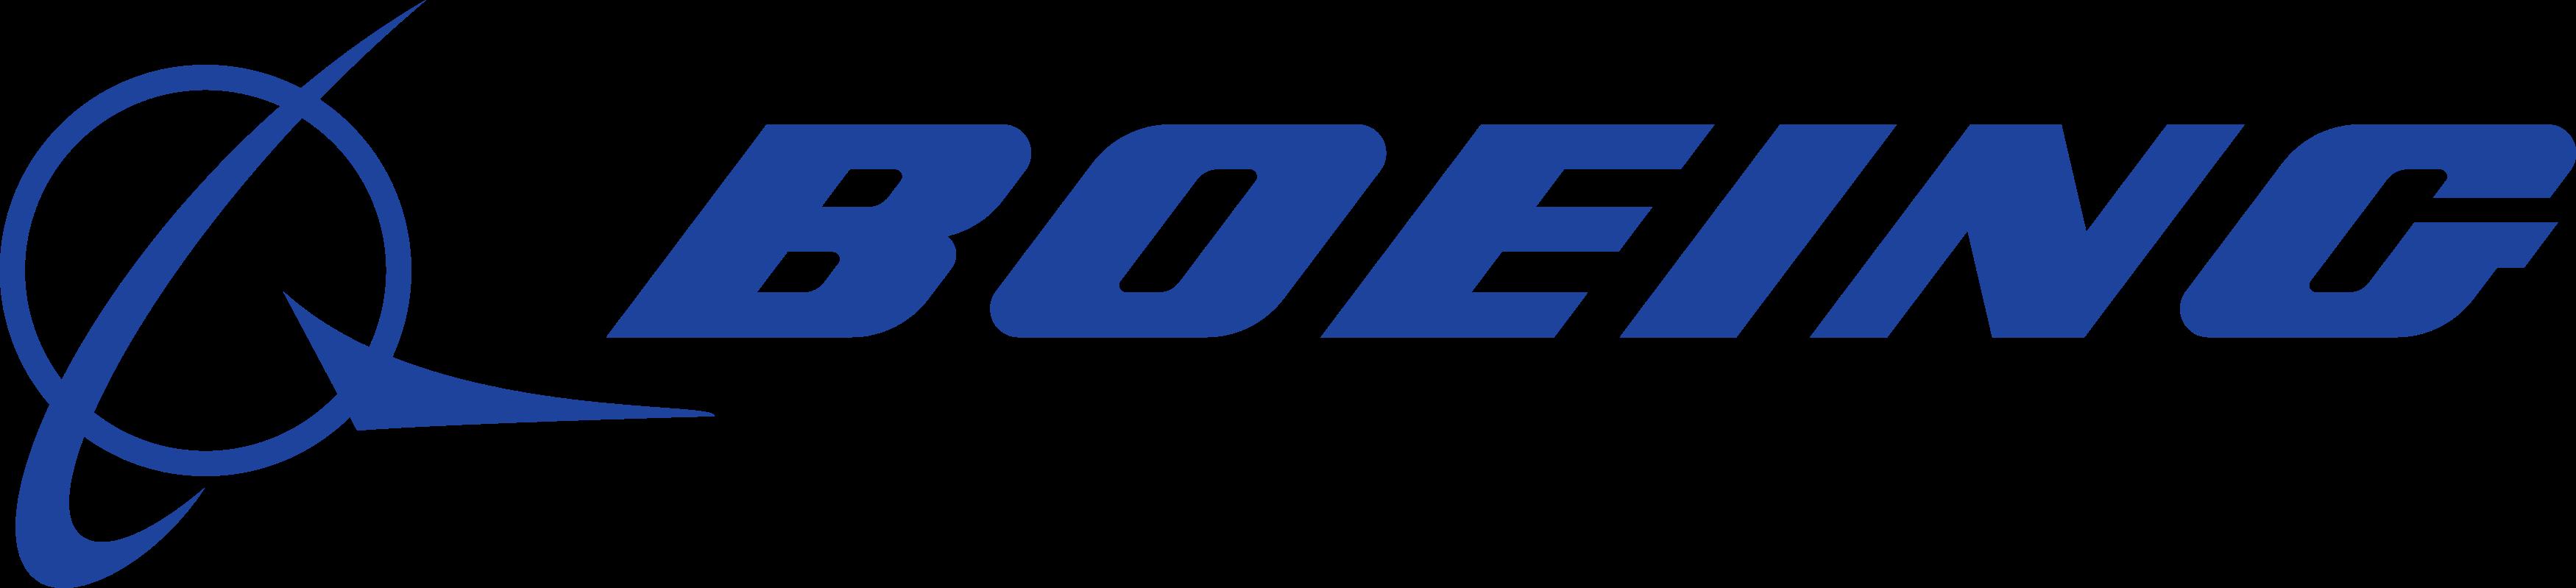 boeing logo - Boeing Logo